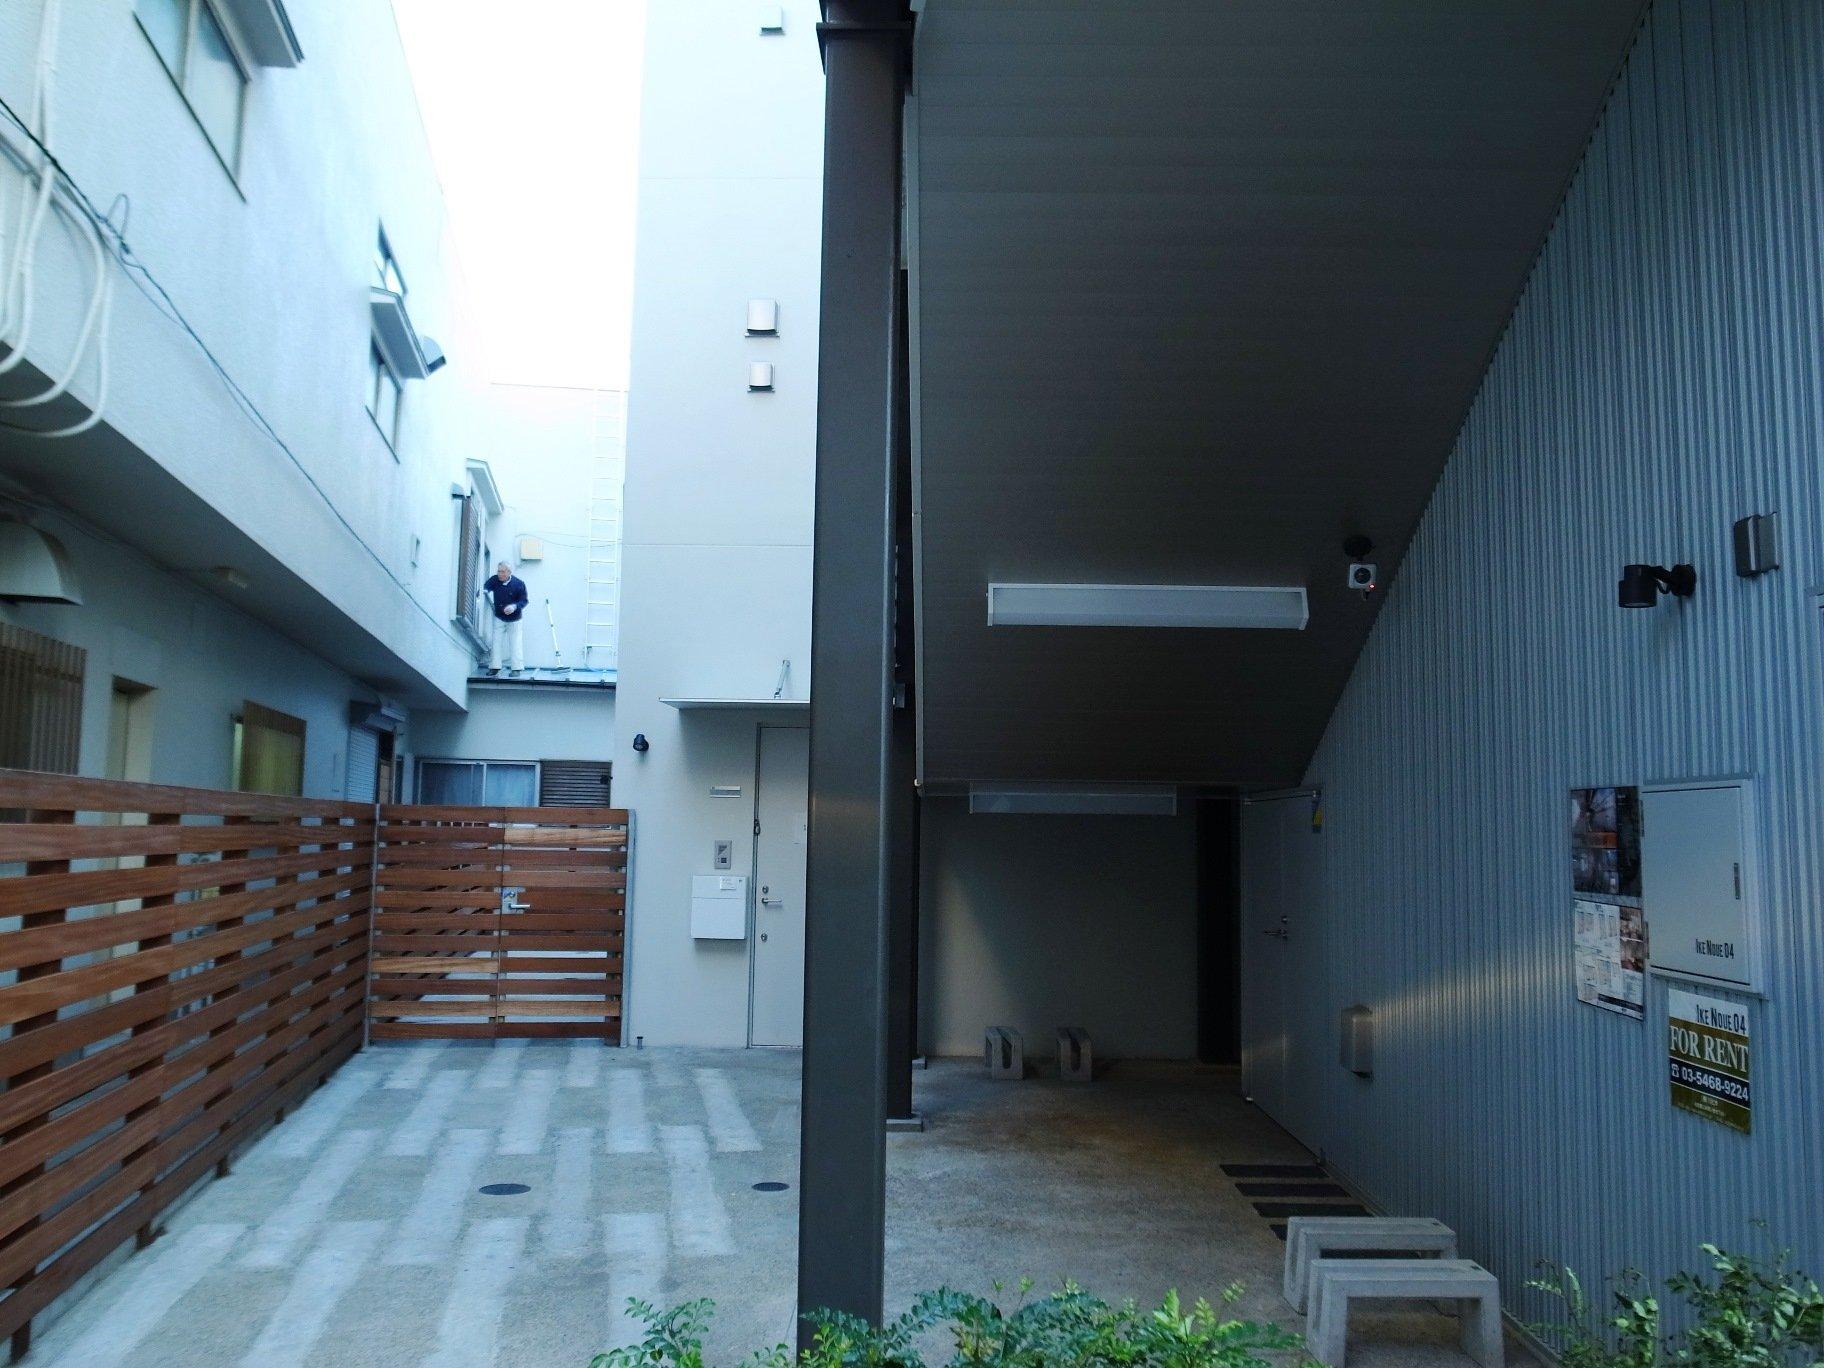 「池ノ上」駅直結賃貸 IKENOUE04